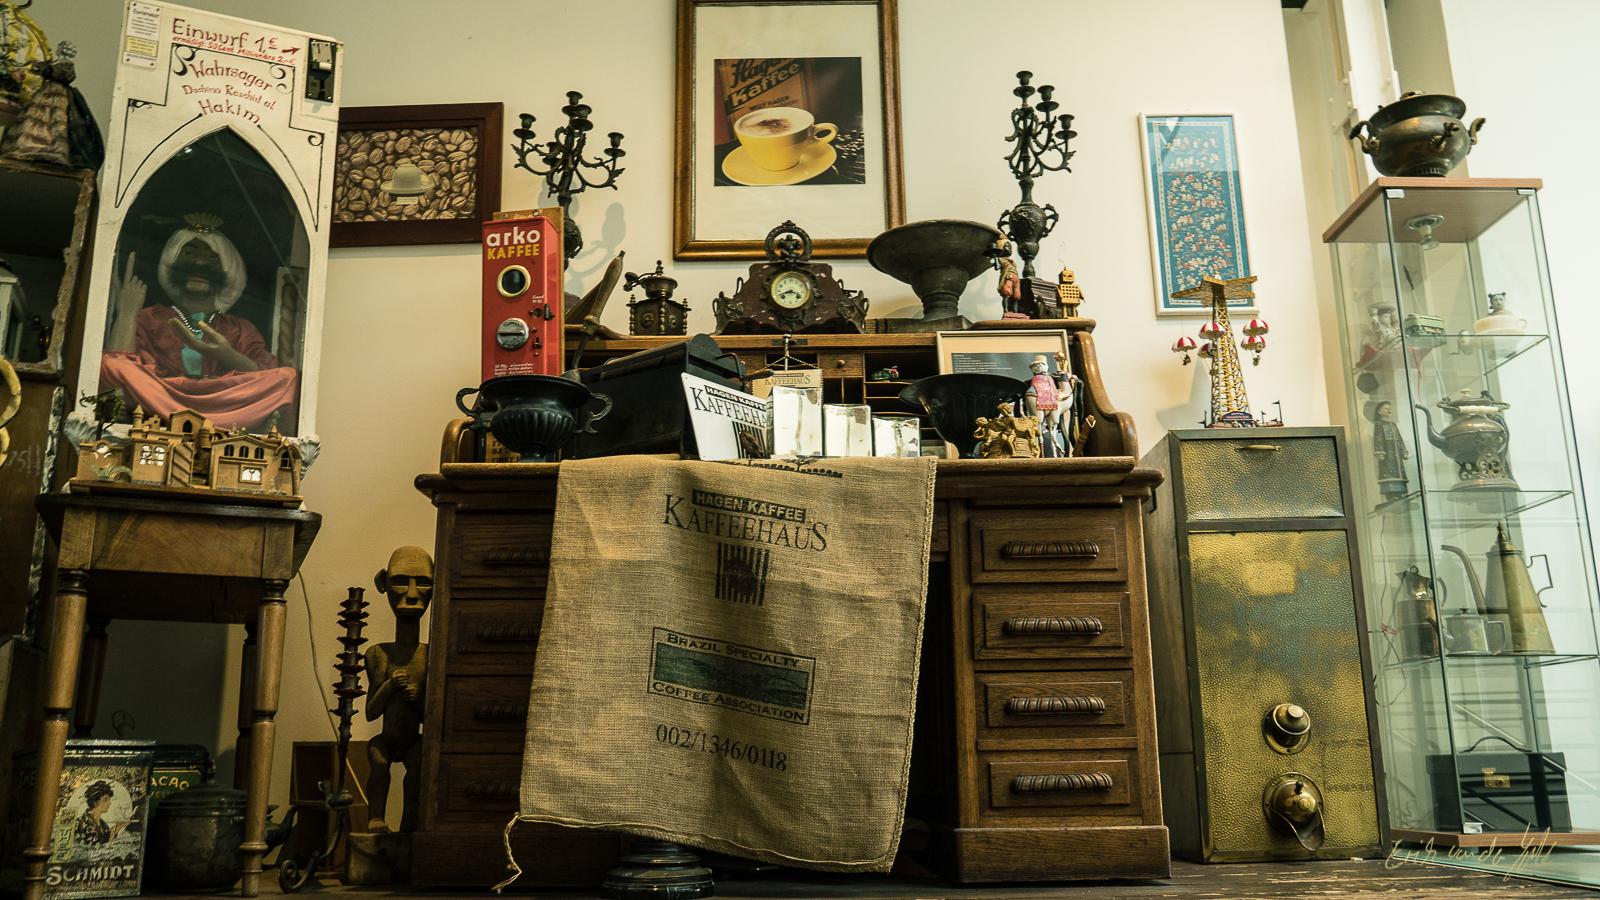 Kaffehaus